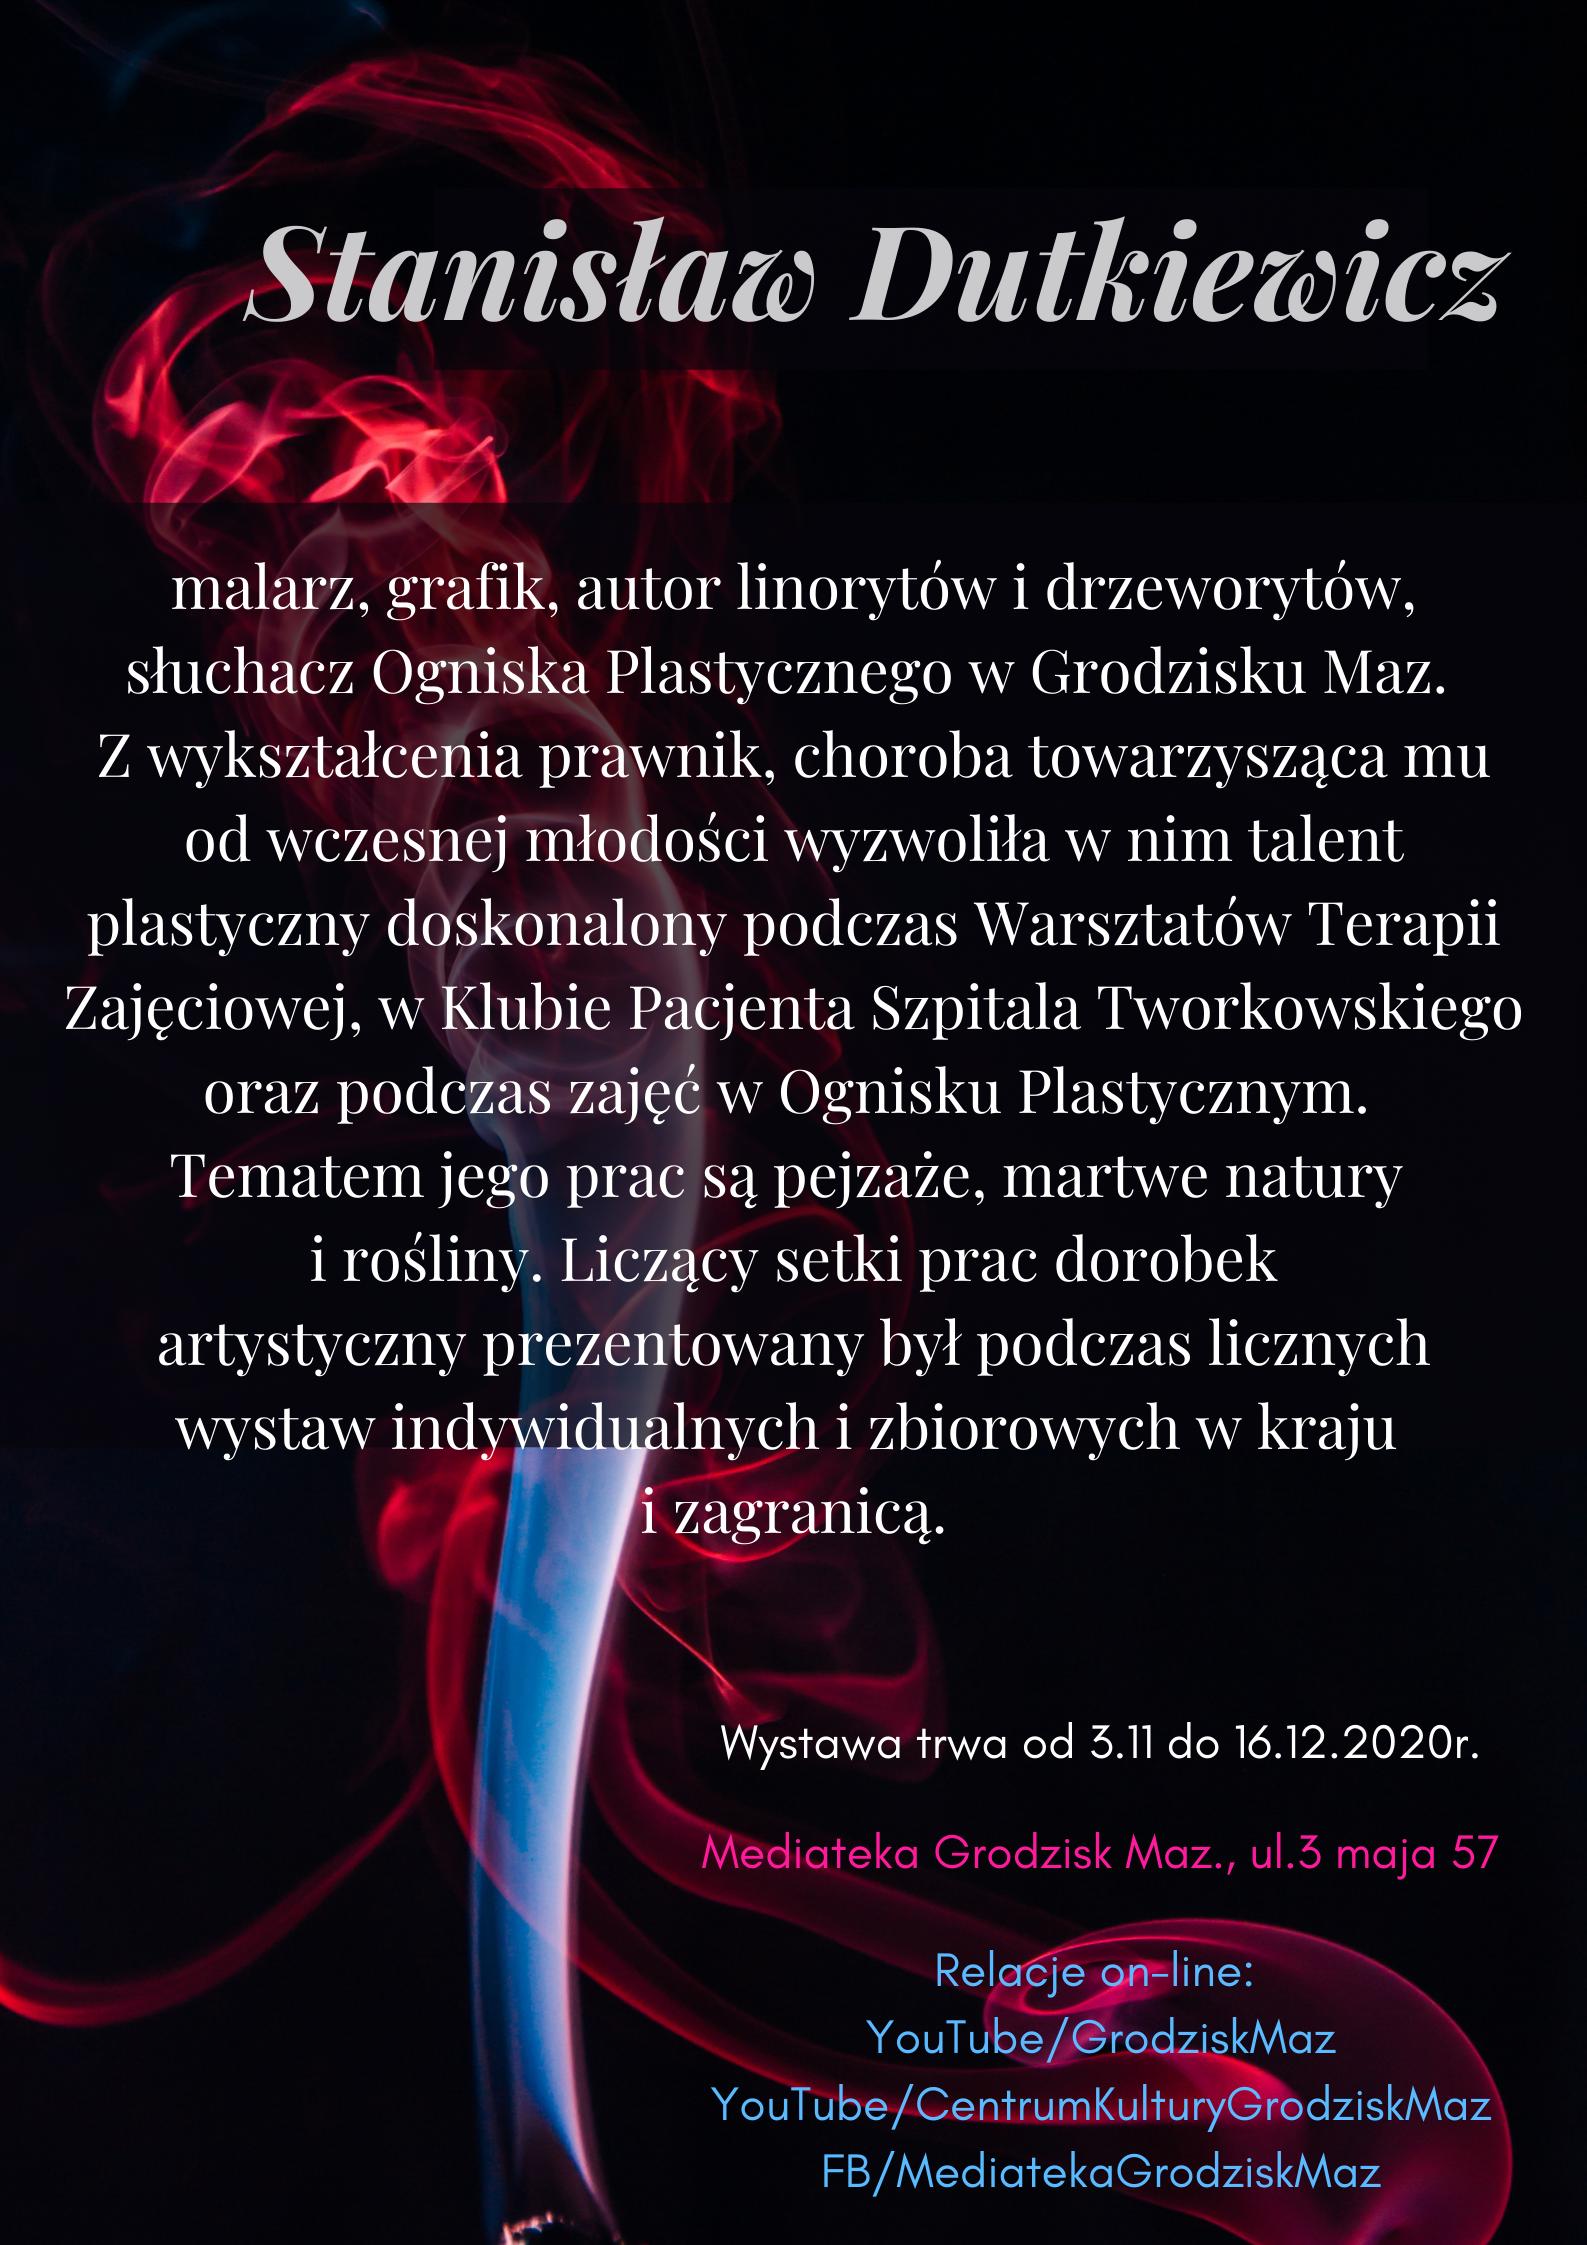 """""""To będzie na wieczność"""" wystawa pamięci grodziskich artystów – Stanisław Dutkiewicz"""